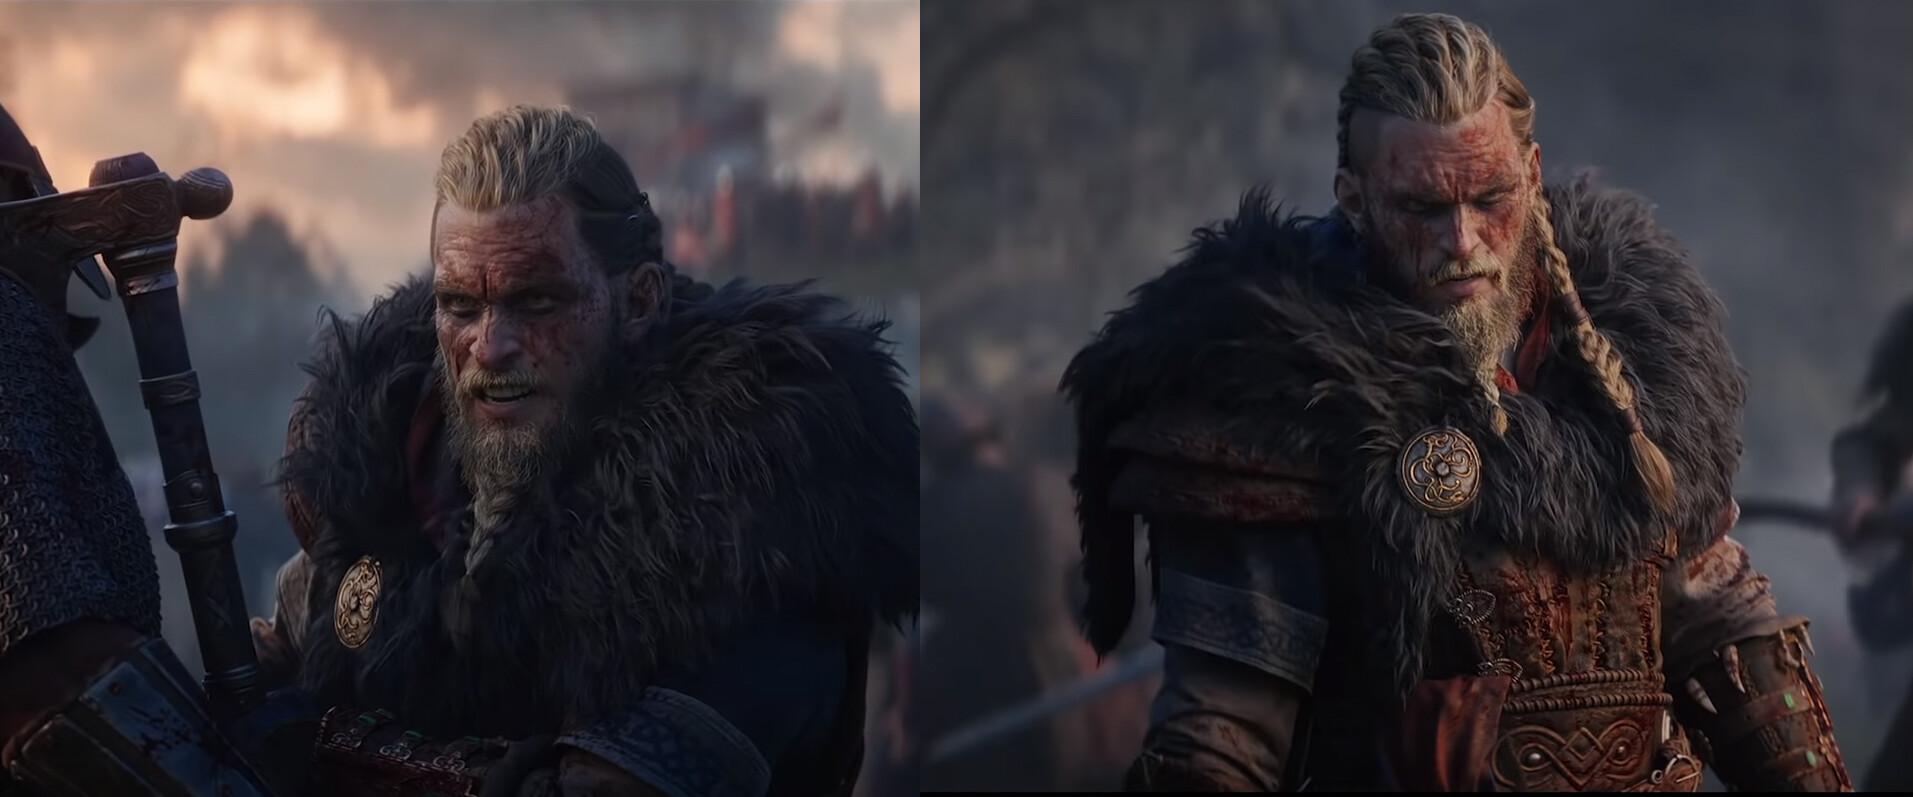 Artstation Eivor Seer Face Model Assassin S Creed Valhalla Anton Gillen